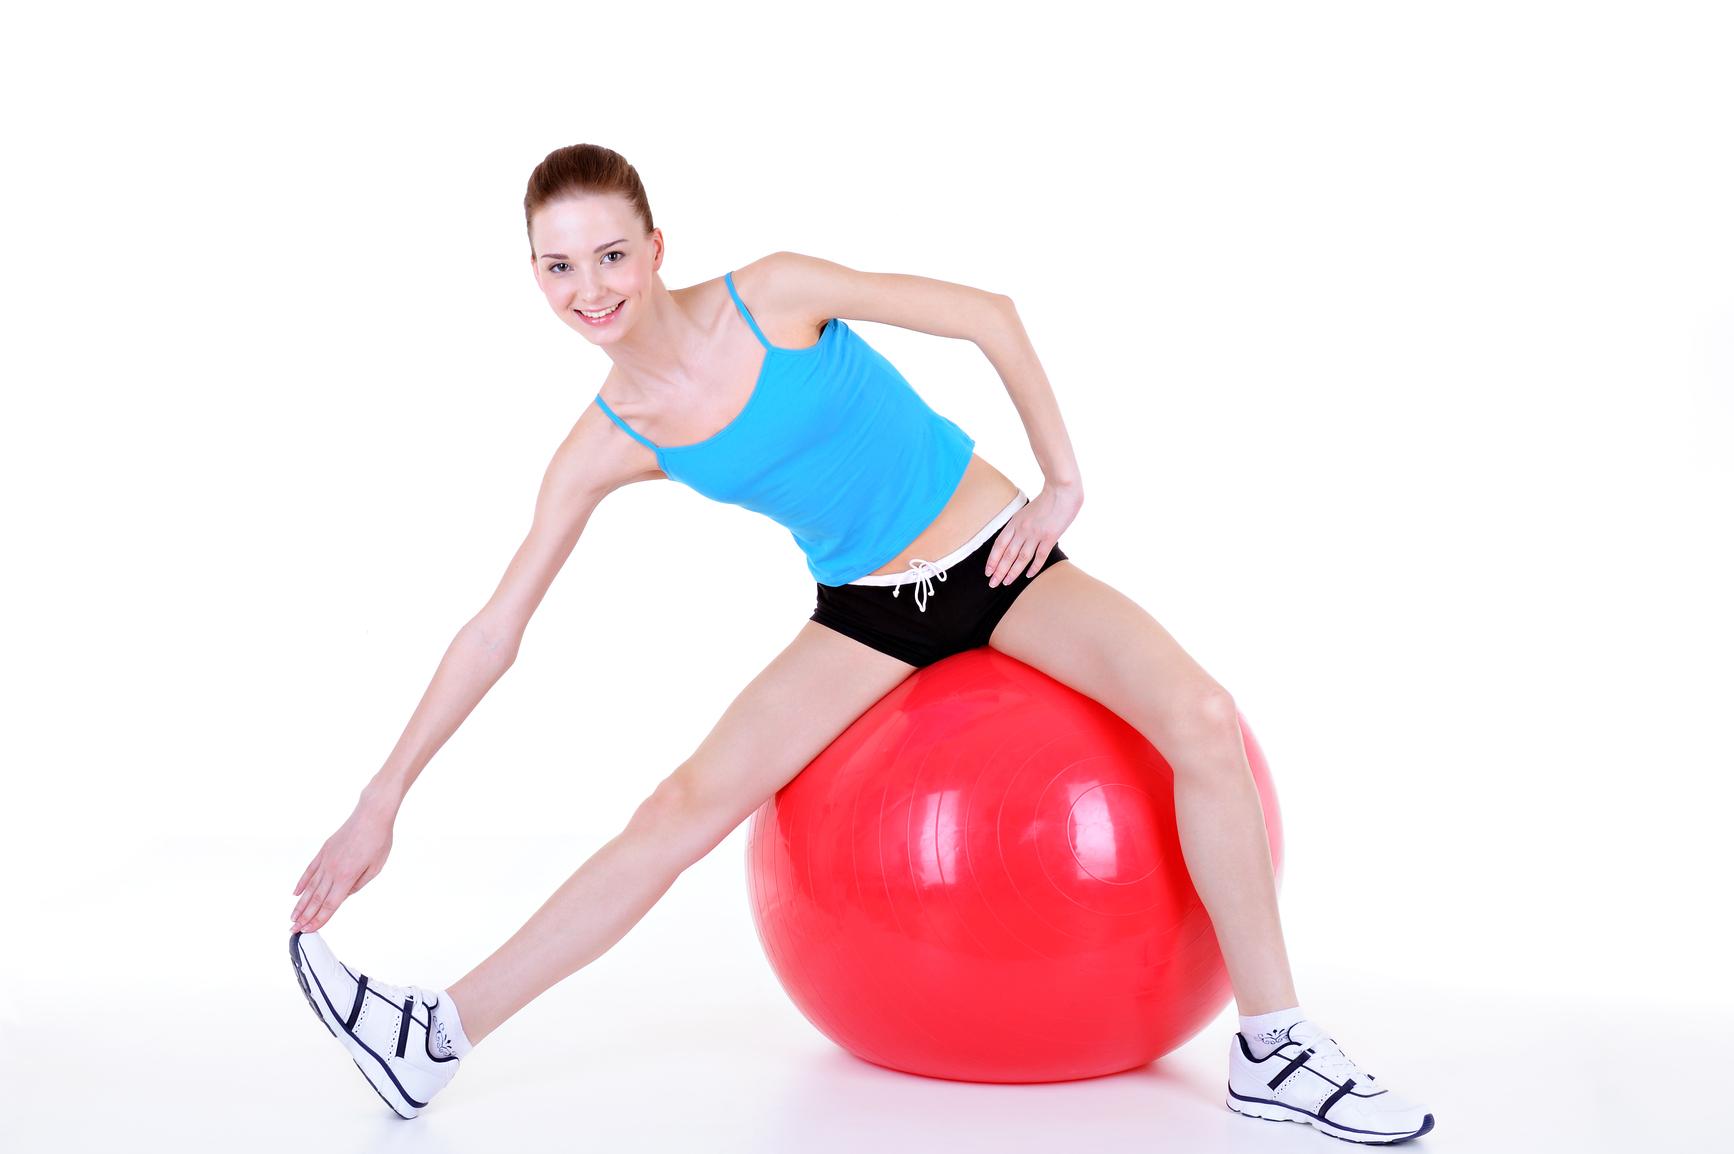 Упражнения с мячом для похудения: как тренироваться с фитболом